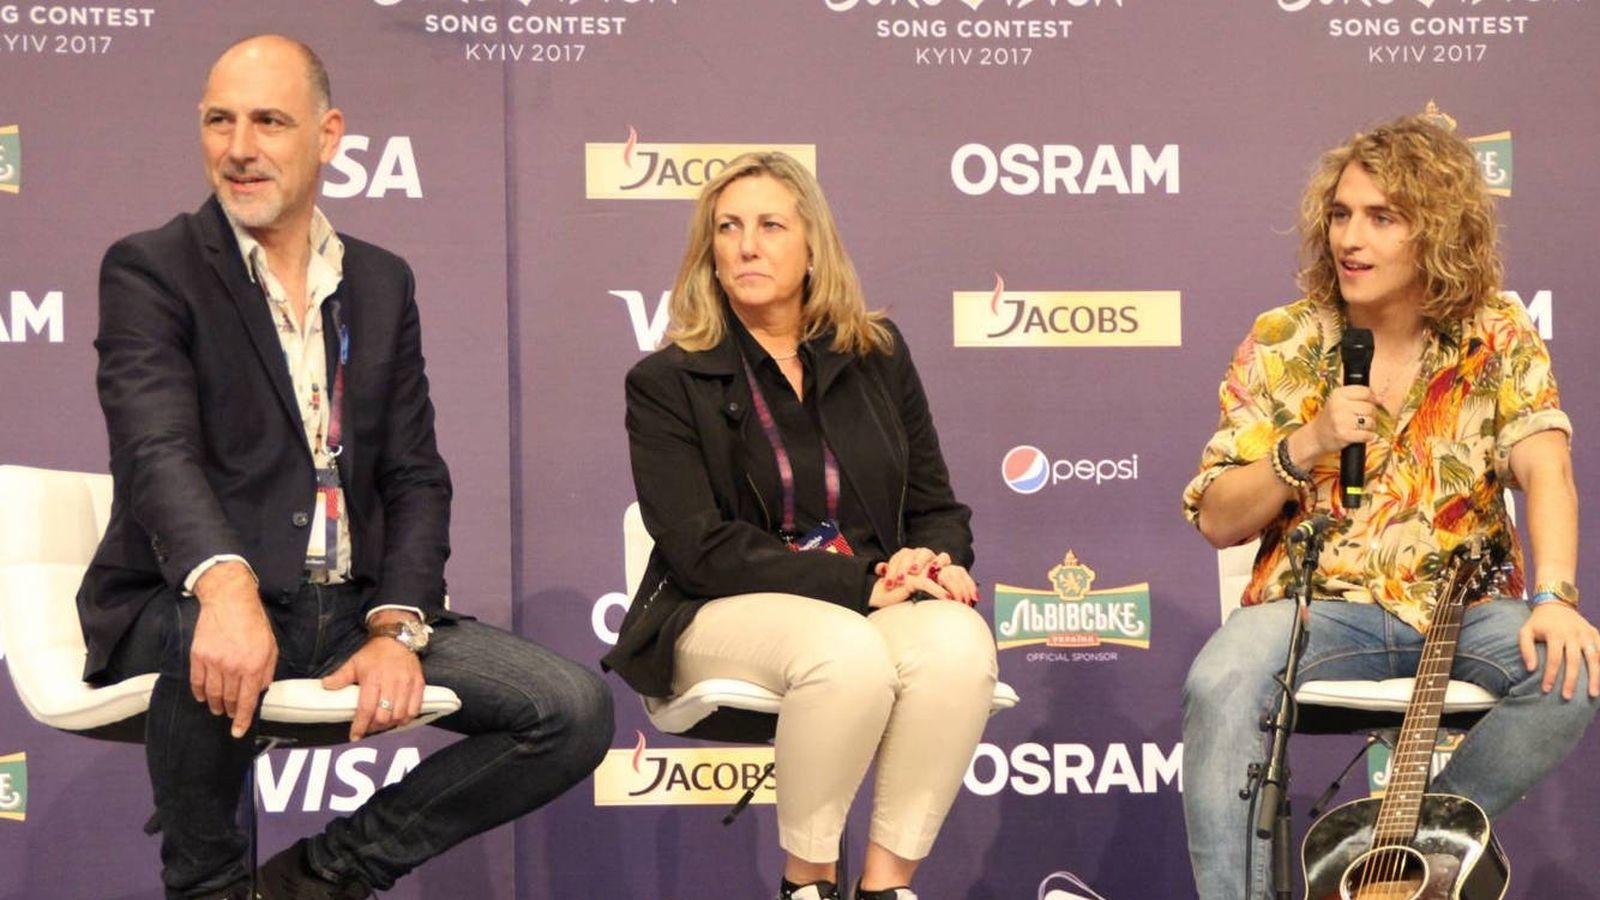 Foto: Antonio Losada, Ana María Bordas y Manel Navarro durante una rueda de prensa en Kiev. (Eurovision-Spain.com)